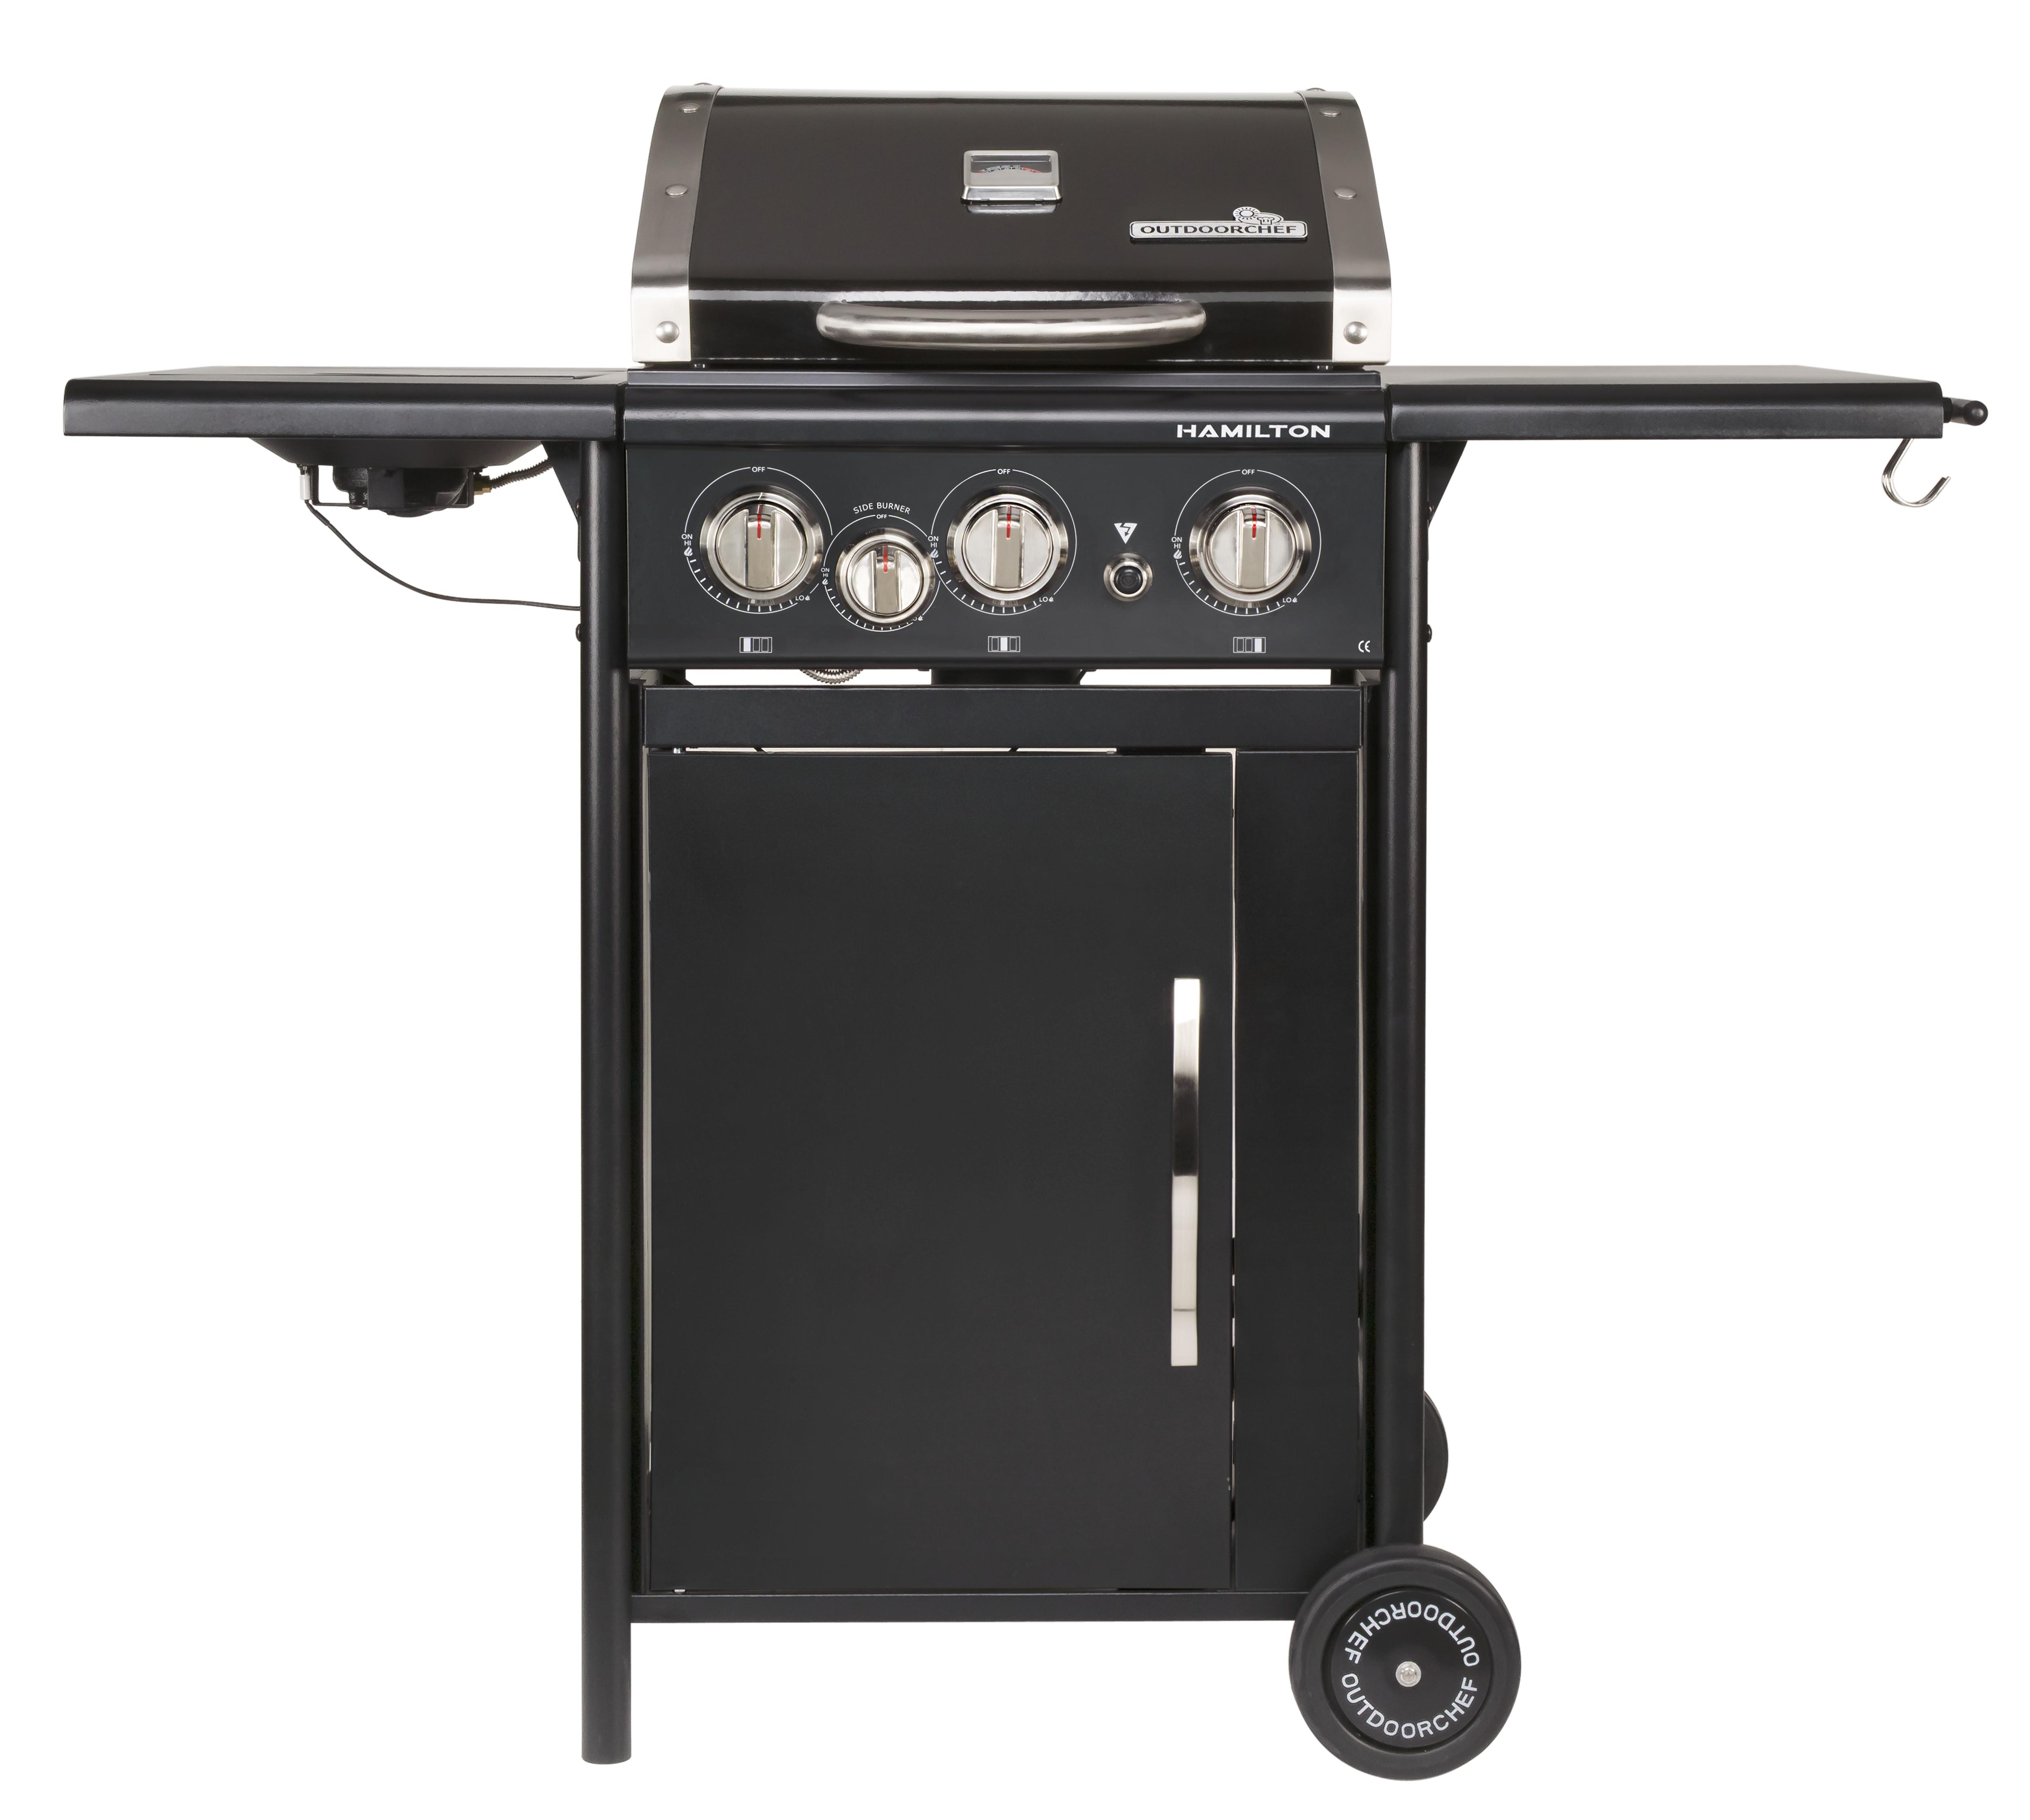 outdoorchef ersatzteil ersatzteile f r alle outdoorchef grills. Black Bedroom Furniture Sets. Home Design Ideas